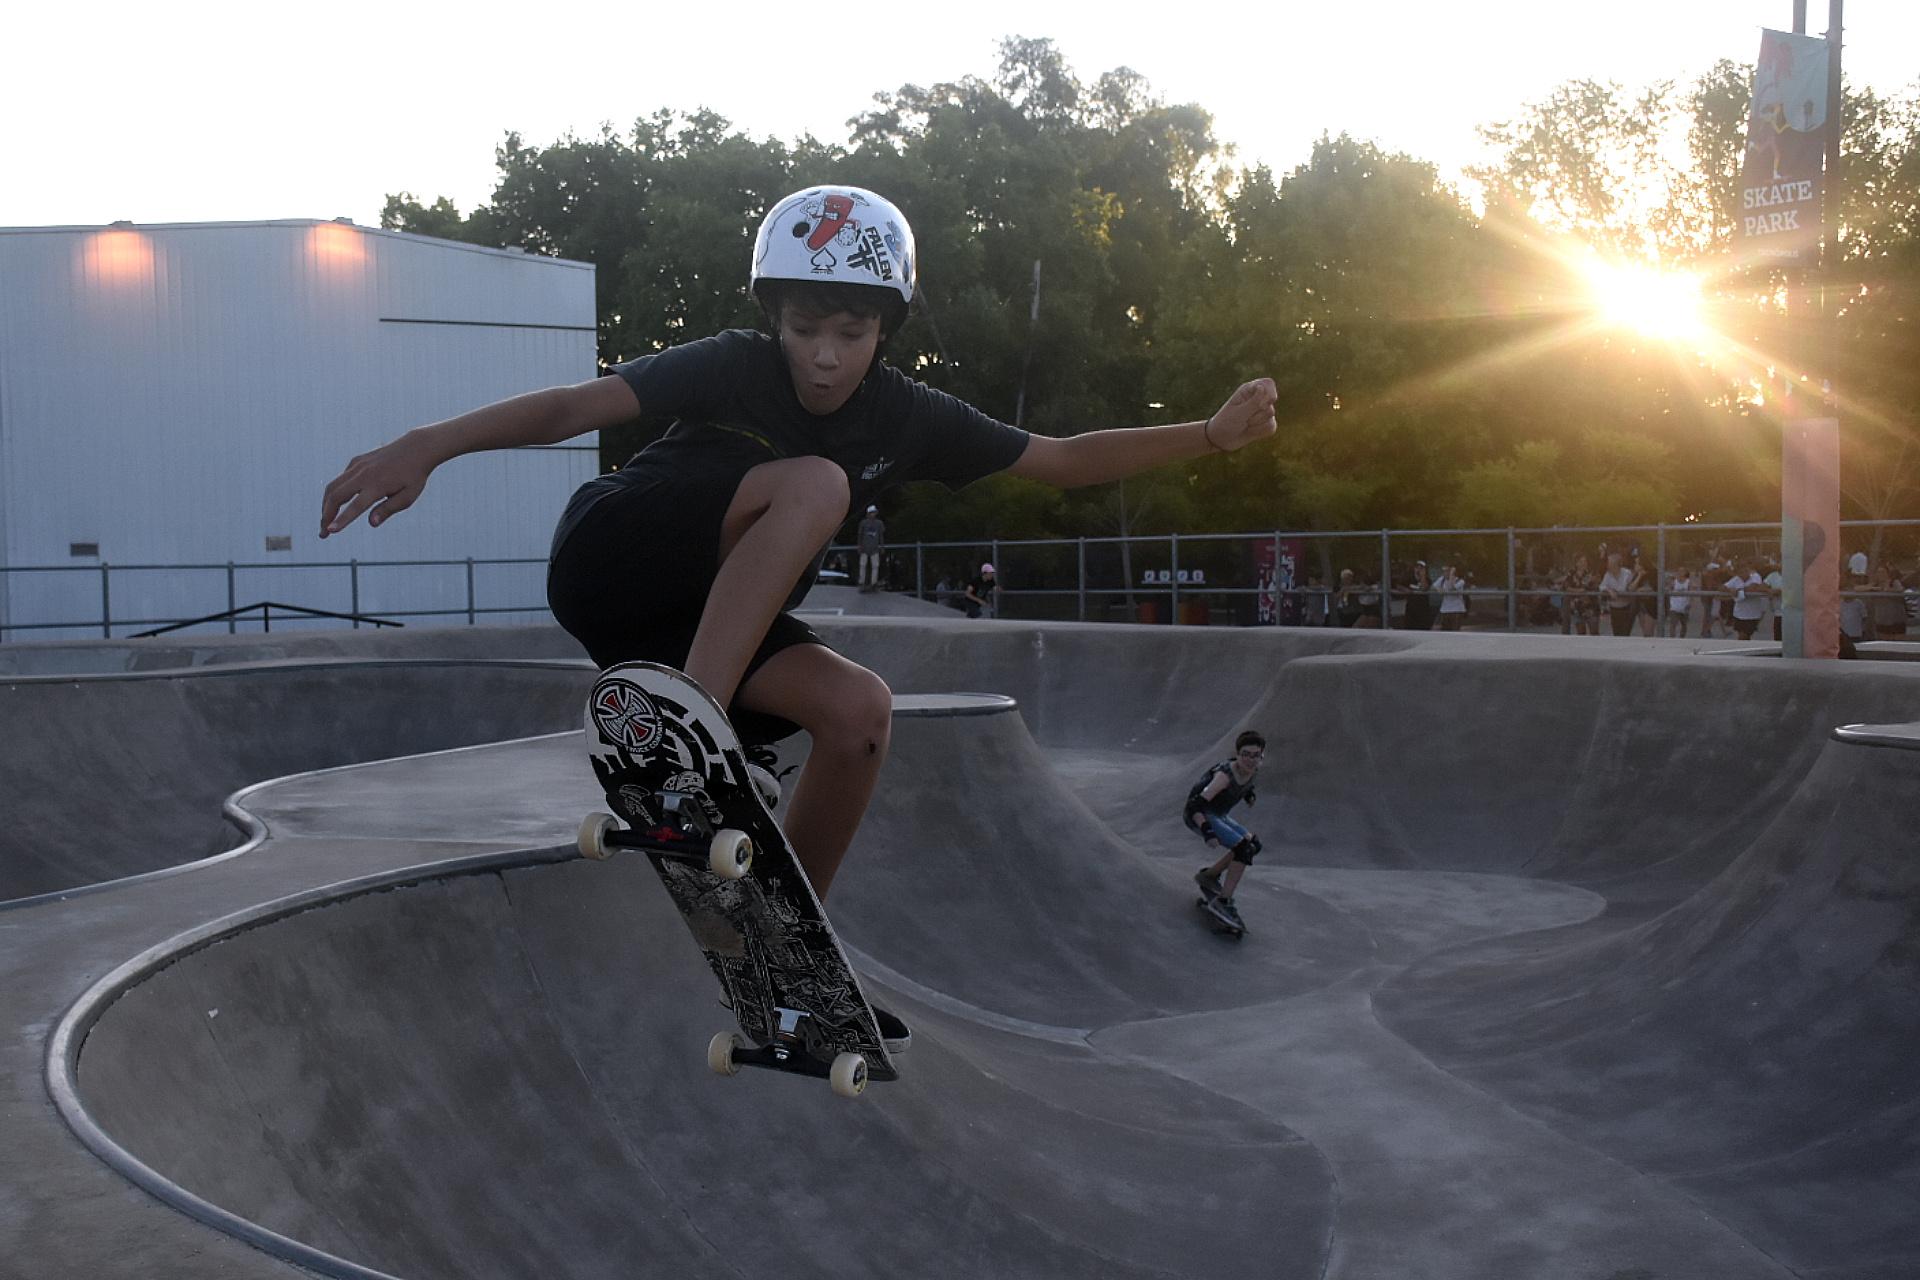 El skatepark, uno de los espacios más buscados en la tarde del sábado.